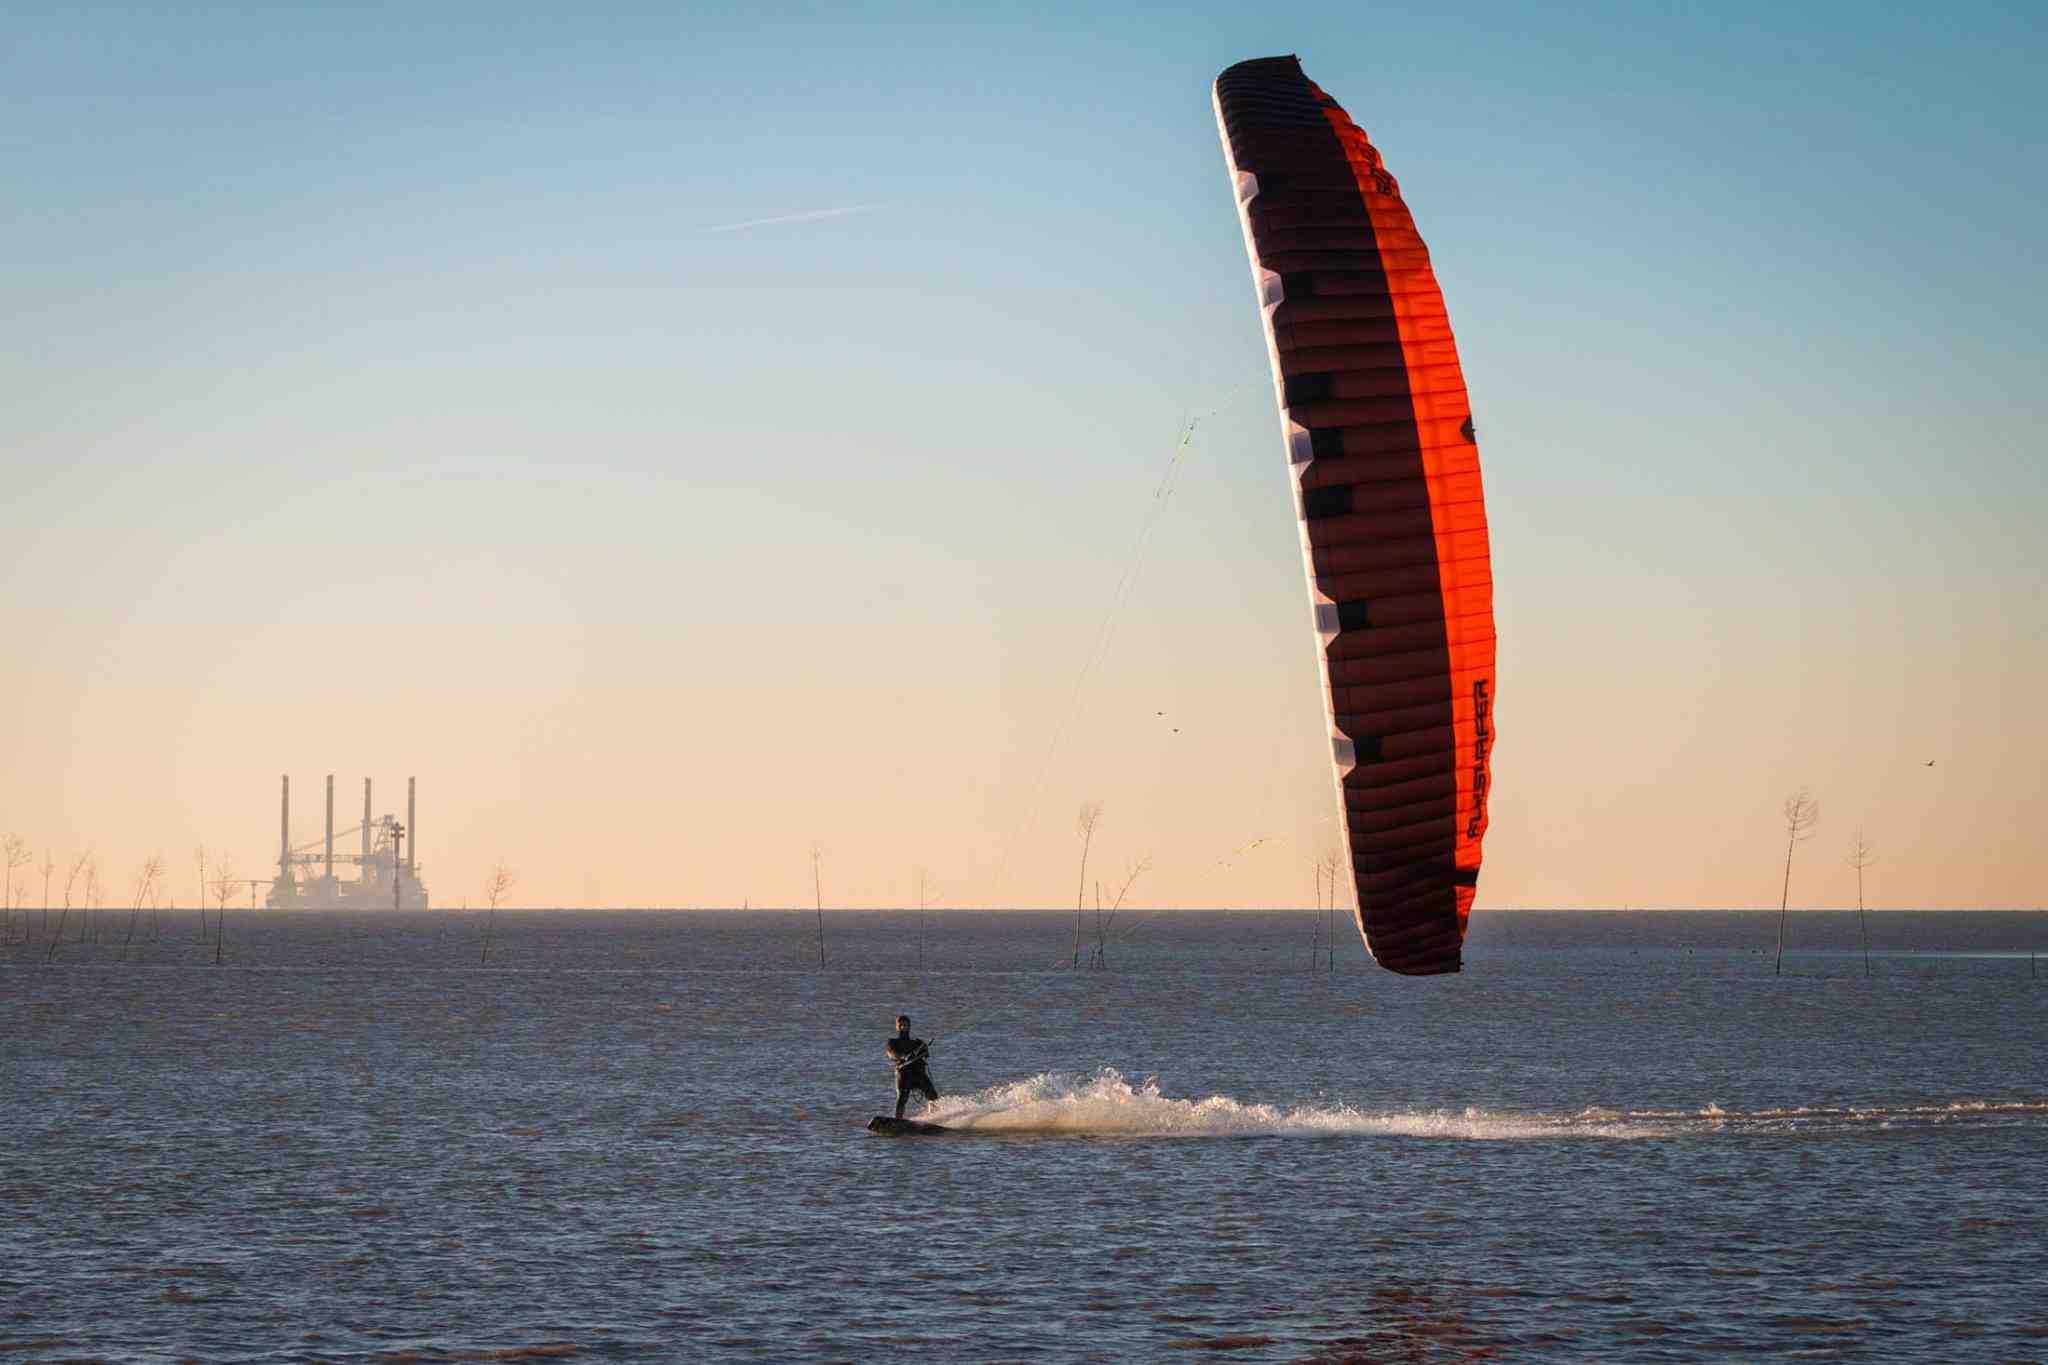 flysurfer-soul-gebrauchtRABRypKfsjP5M